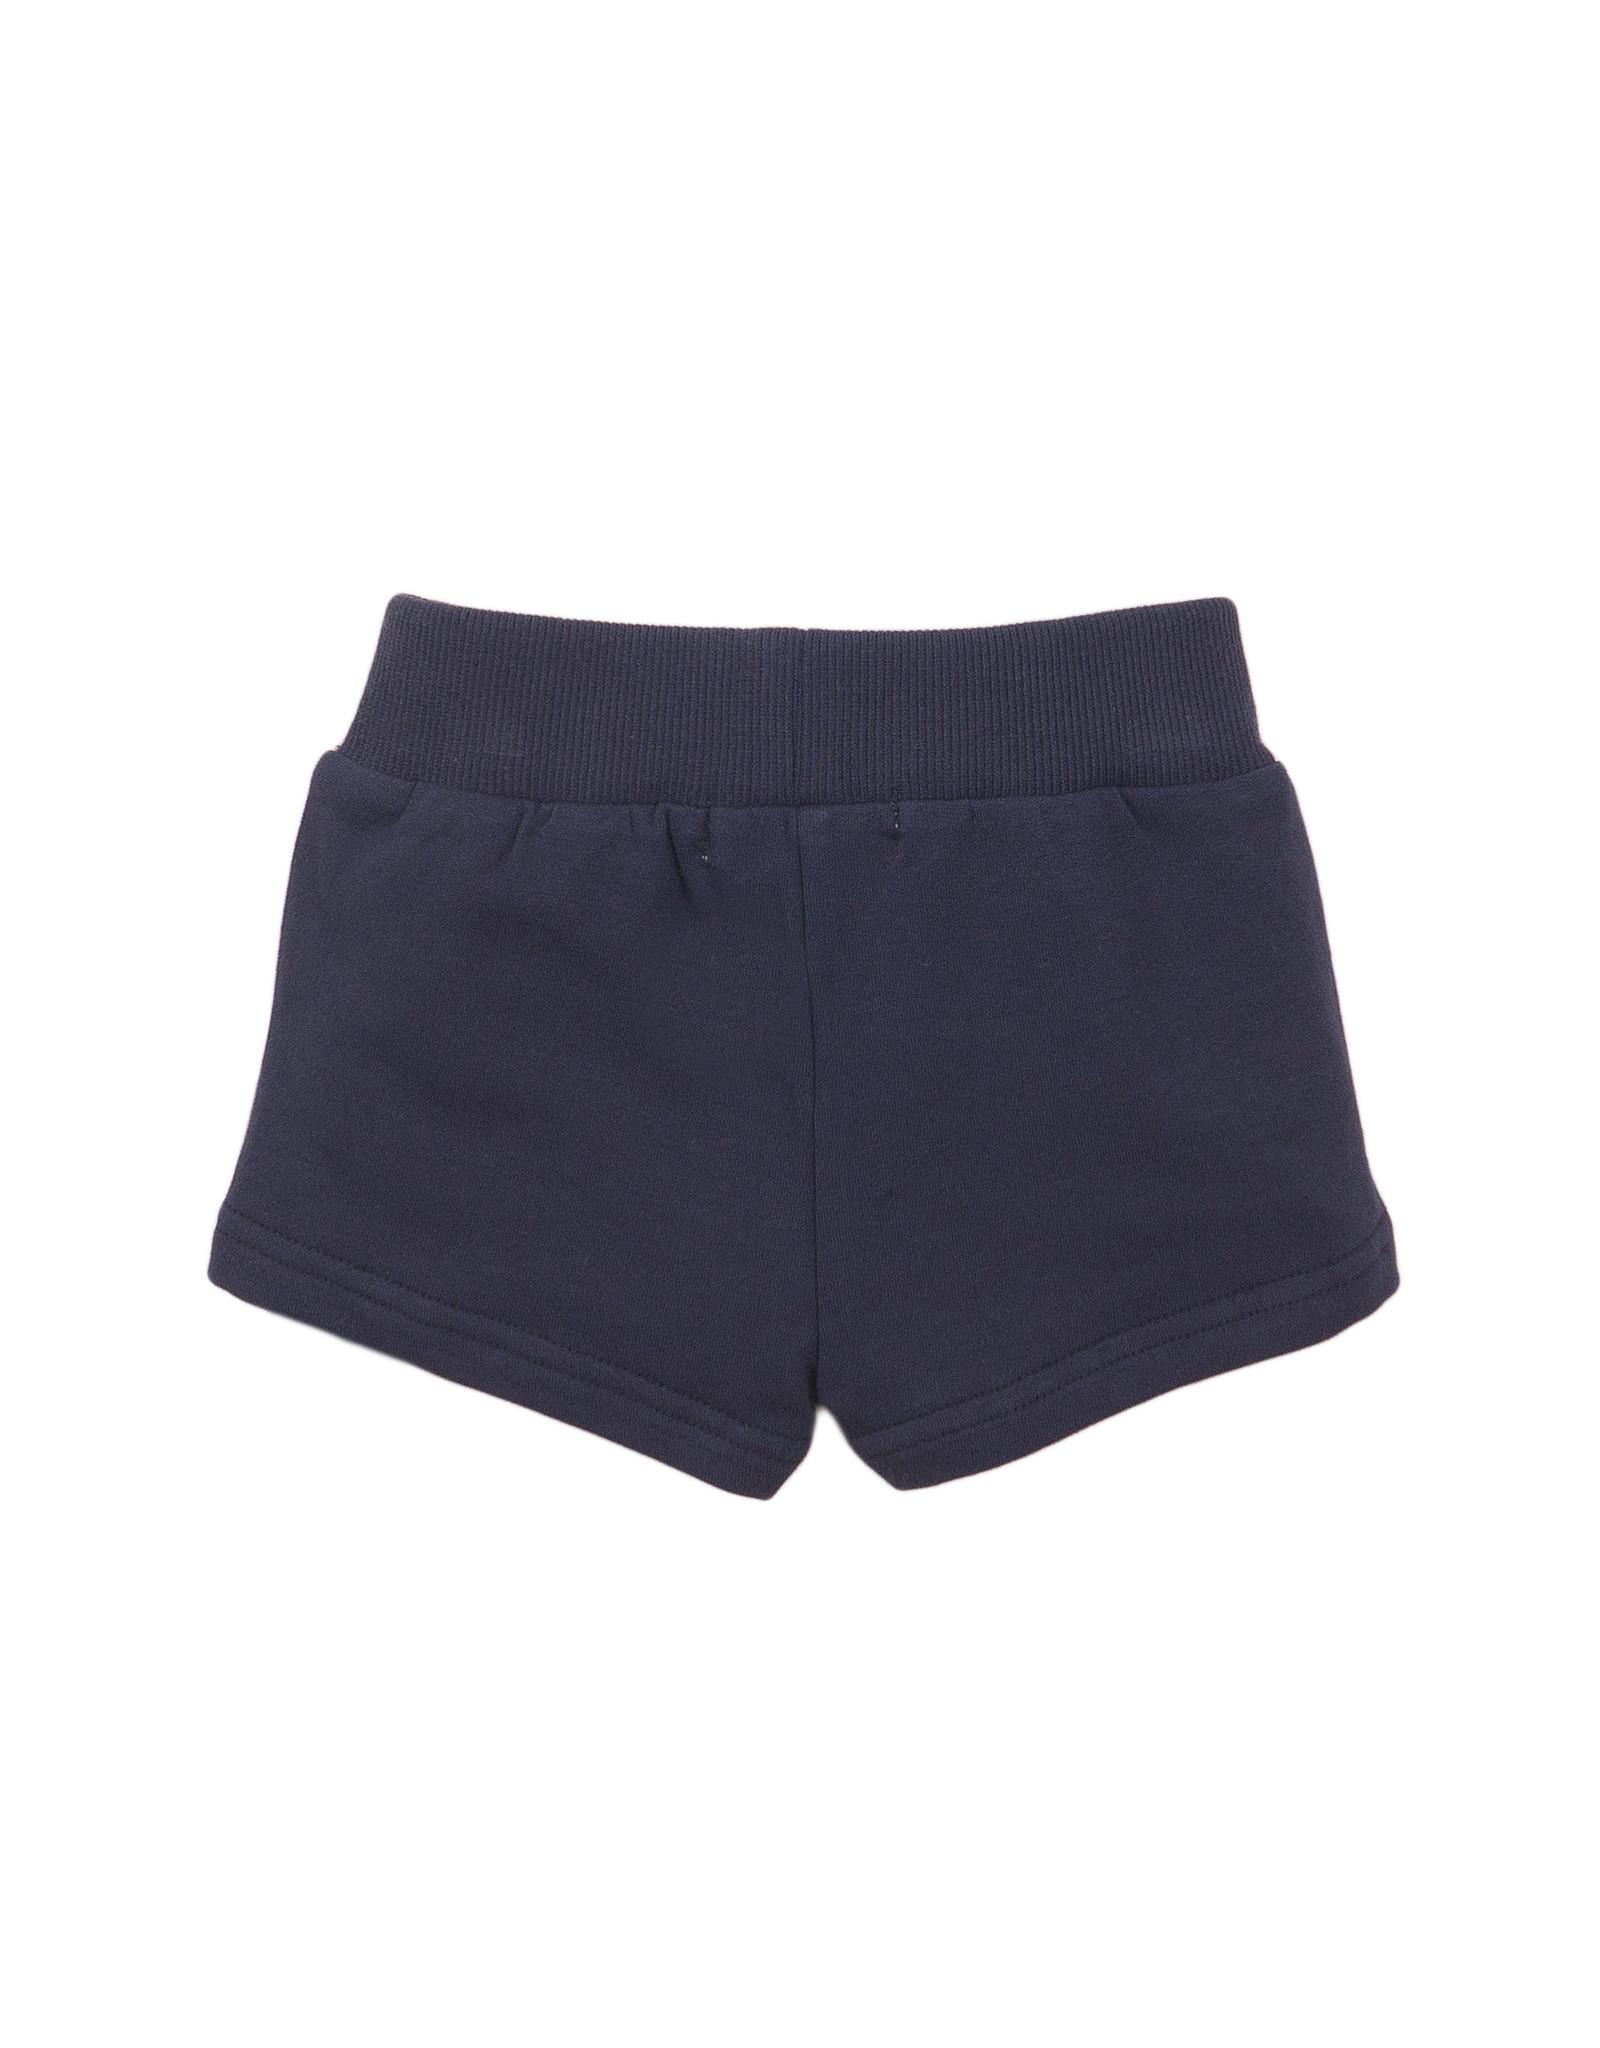 Koko Noko Girls Jogging shorts Navy